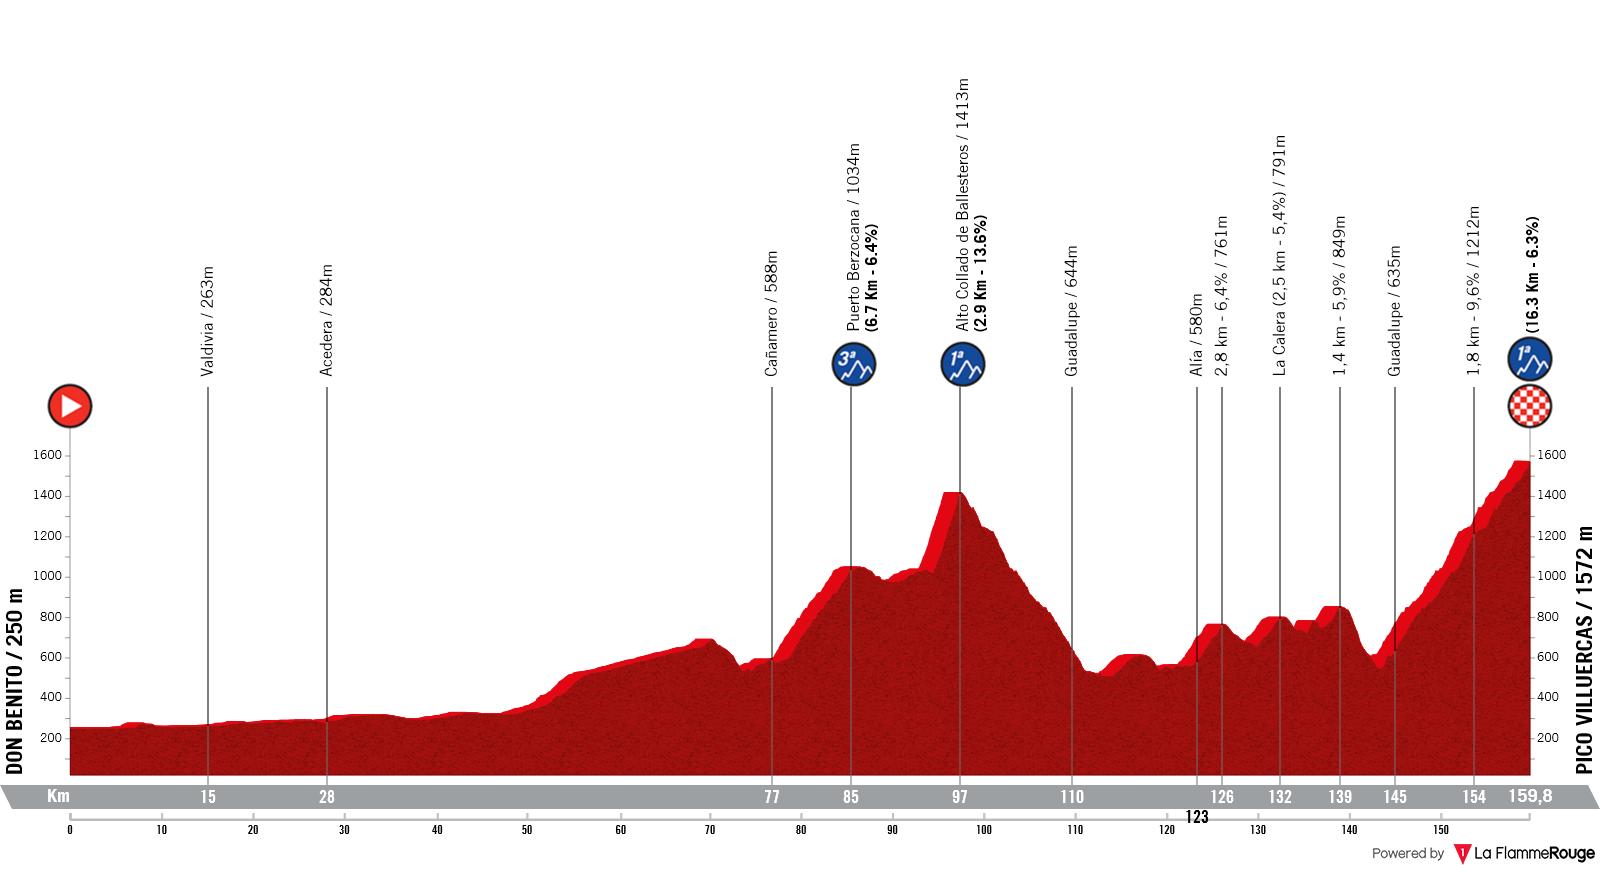 Etapa 14 - Vuelta España 2021 - Don Benito Pico Villuercas